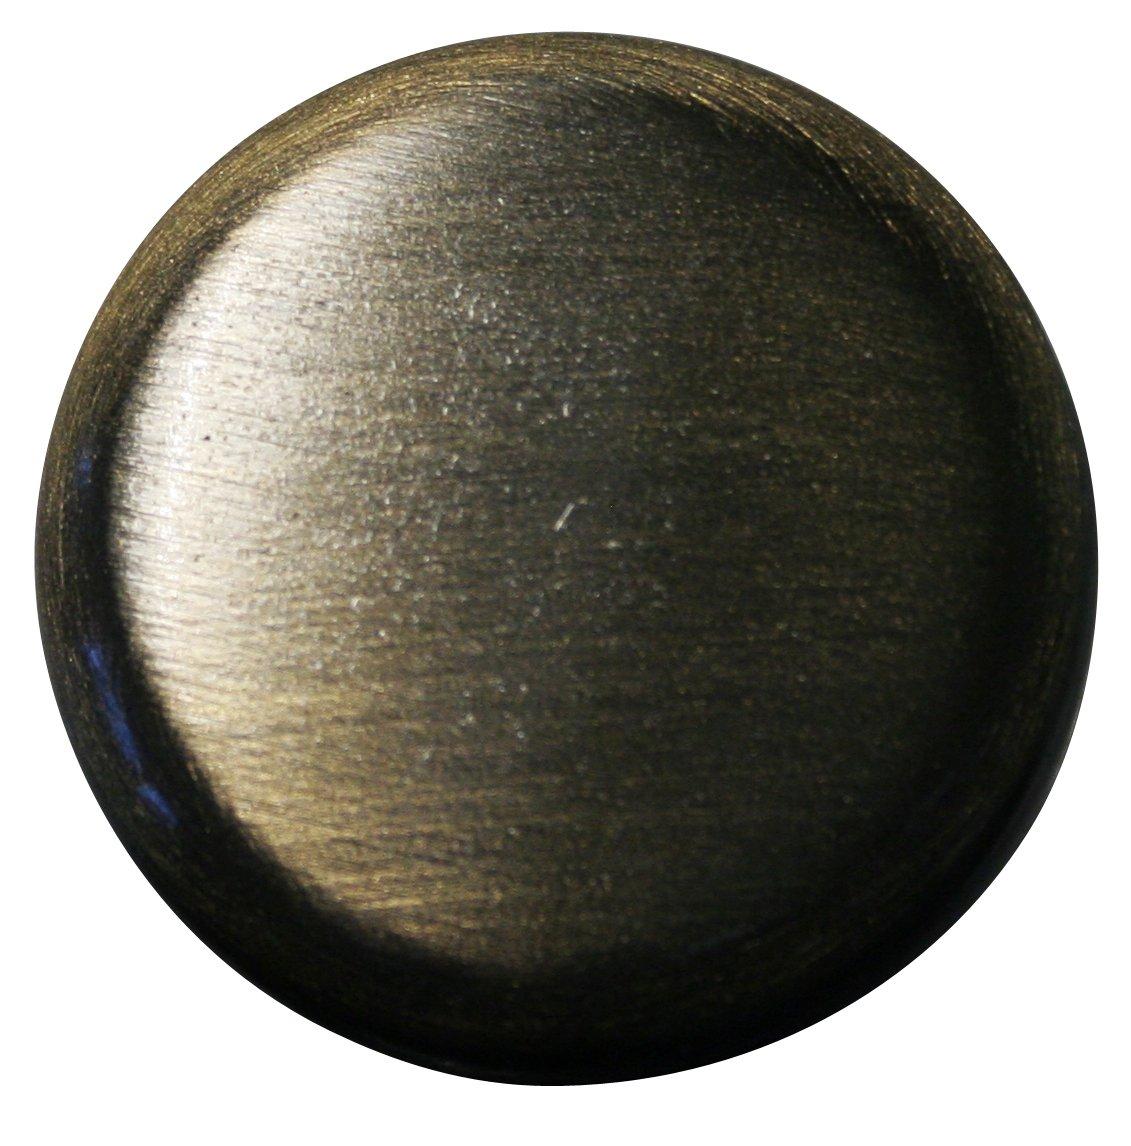 Pwdr Coat Black Westbrass D119-54 3//8 OD Bullnose Faucet Riser